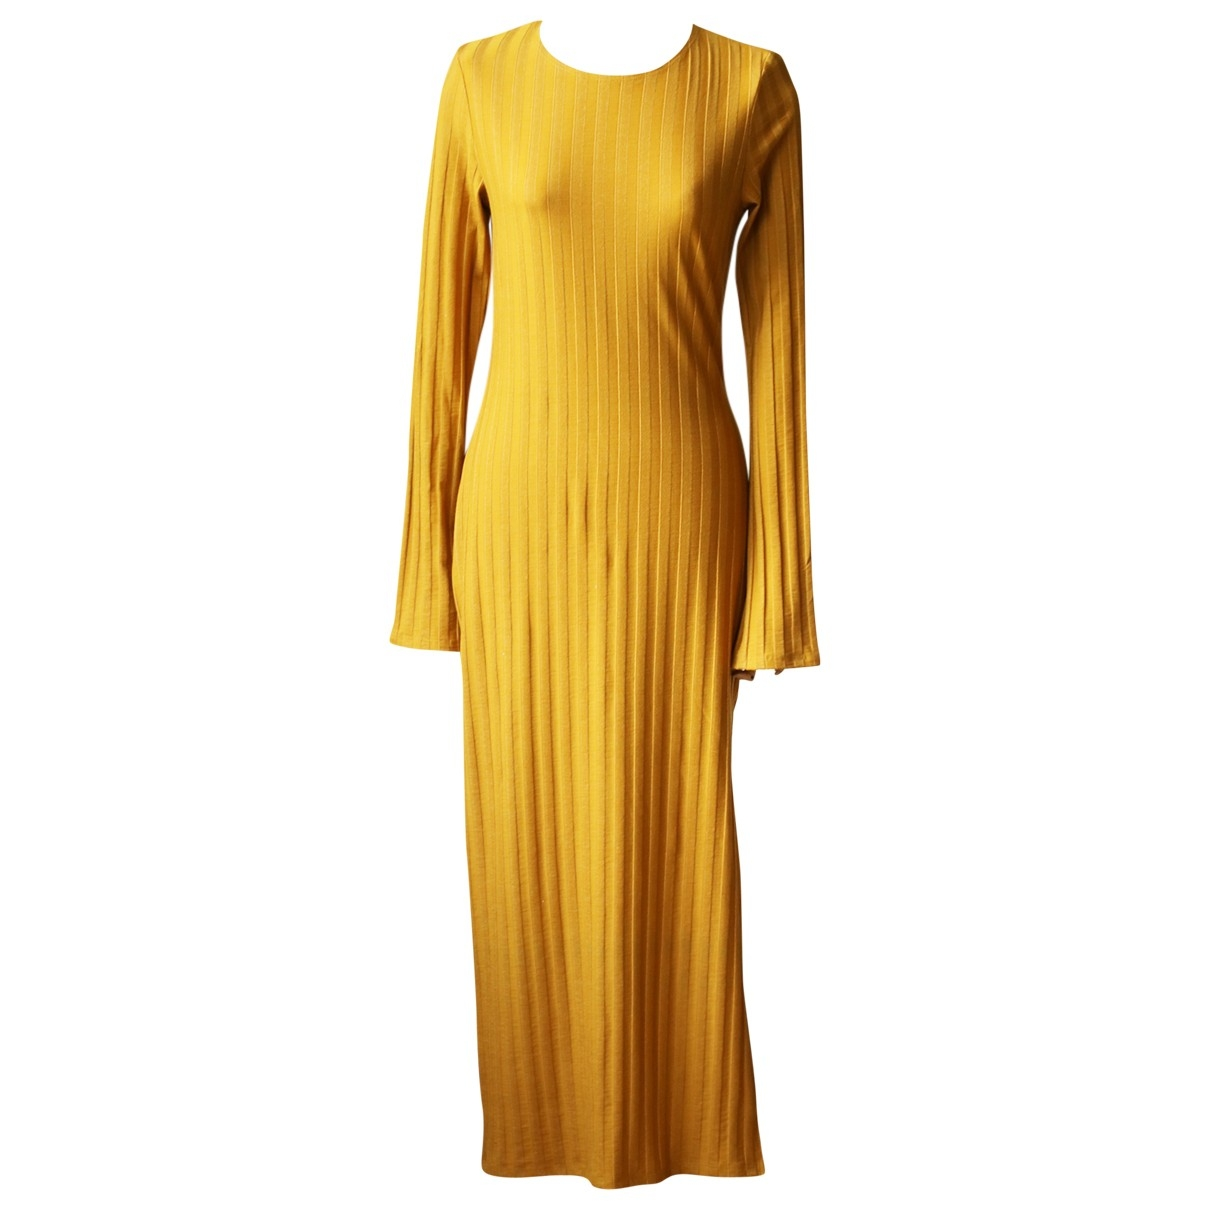 Reformation \N Kleid in  Gelb Synthetik